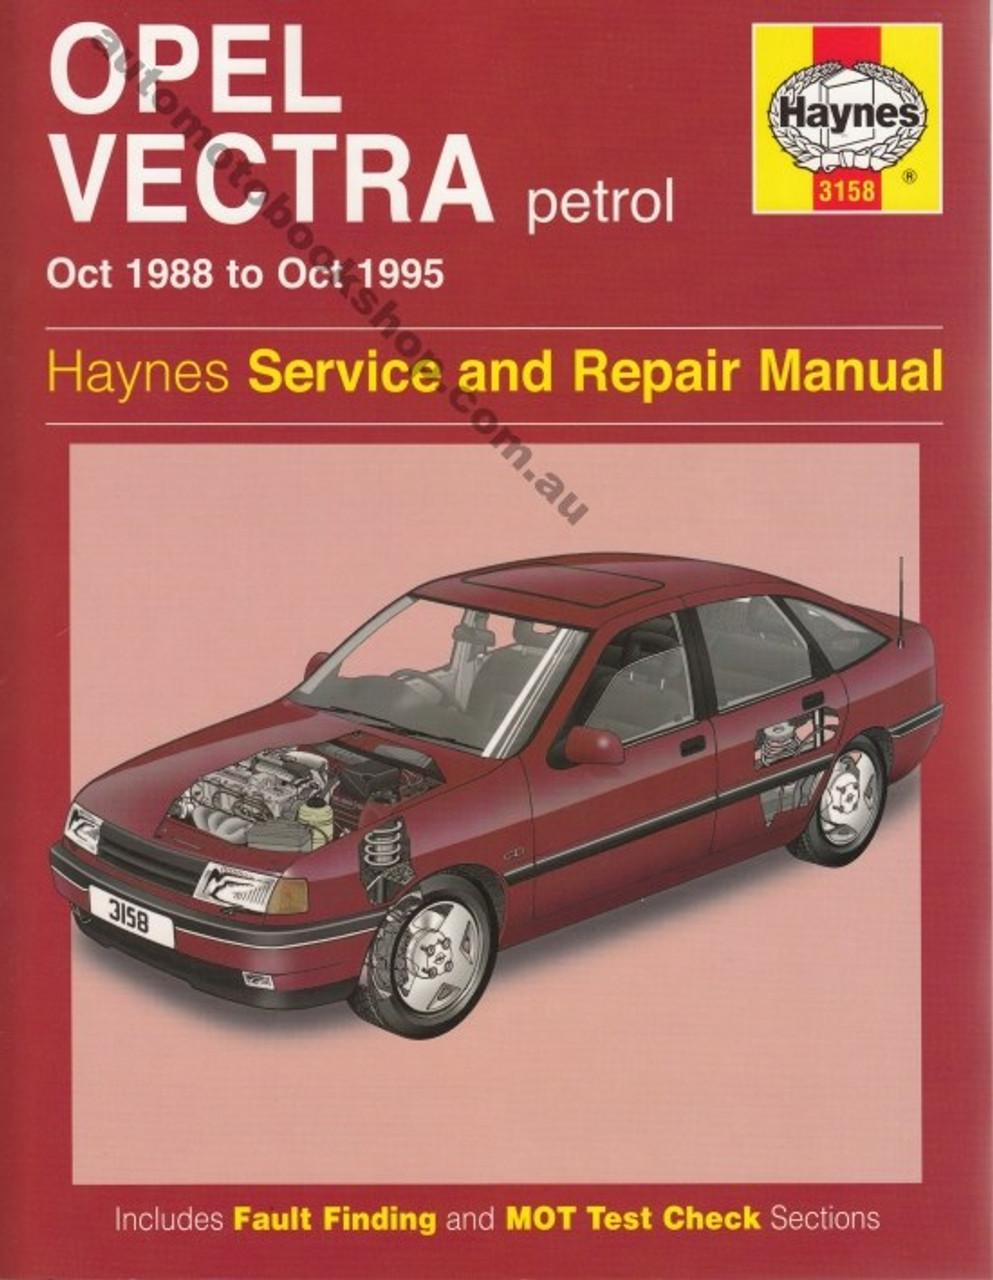 holden vectra opel 1 4l 1 6l 1 8l 2 0l petrol 1988 1995 rh automotobookshop com au Haynes Manuals UK vectra v6 workshop manual